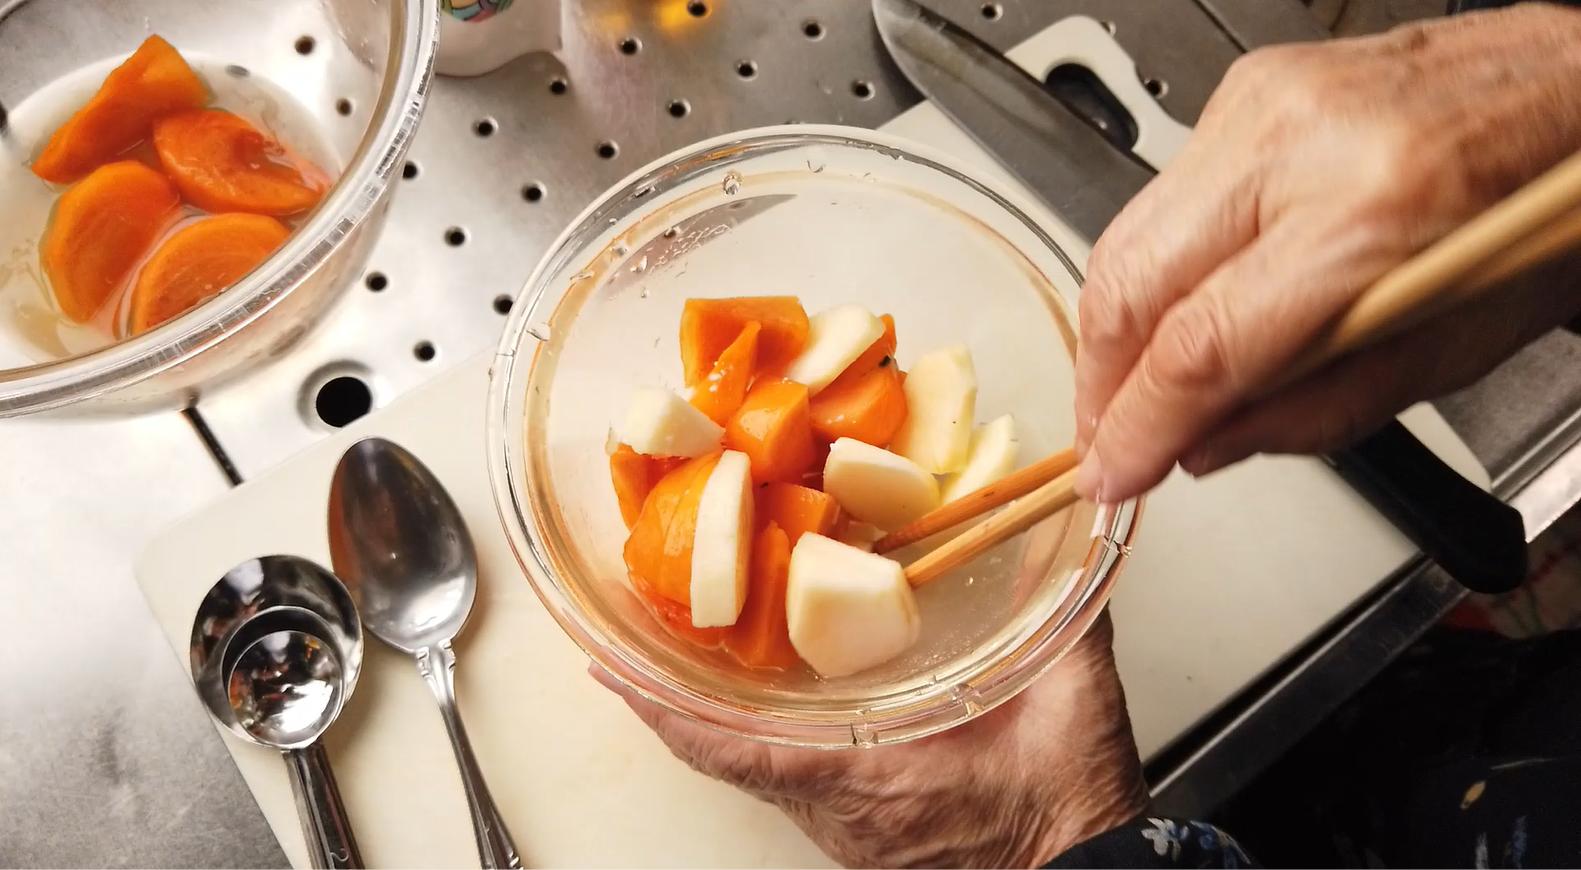 【柿とリンゴのマリネレシピ】5.はちみつ柿レモンのつけ汁、りんご酢、塩を加えて、混ぜたら出来上がり!